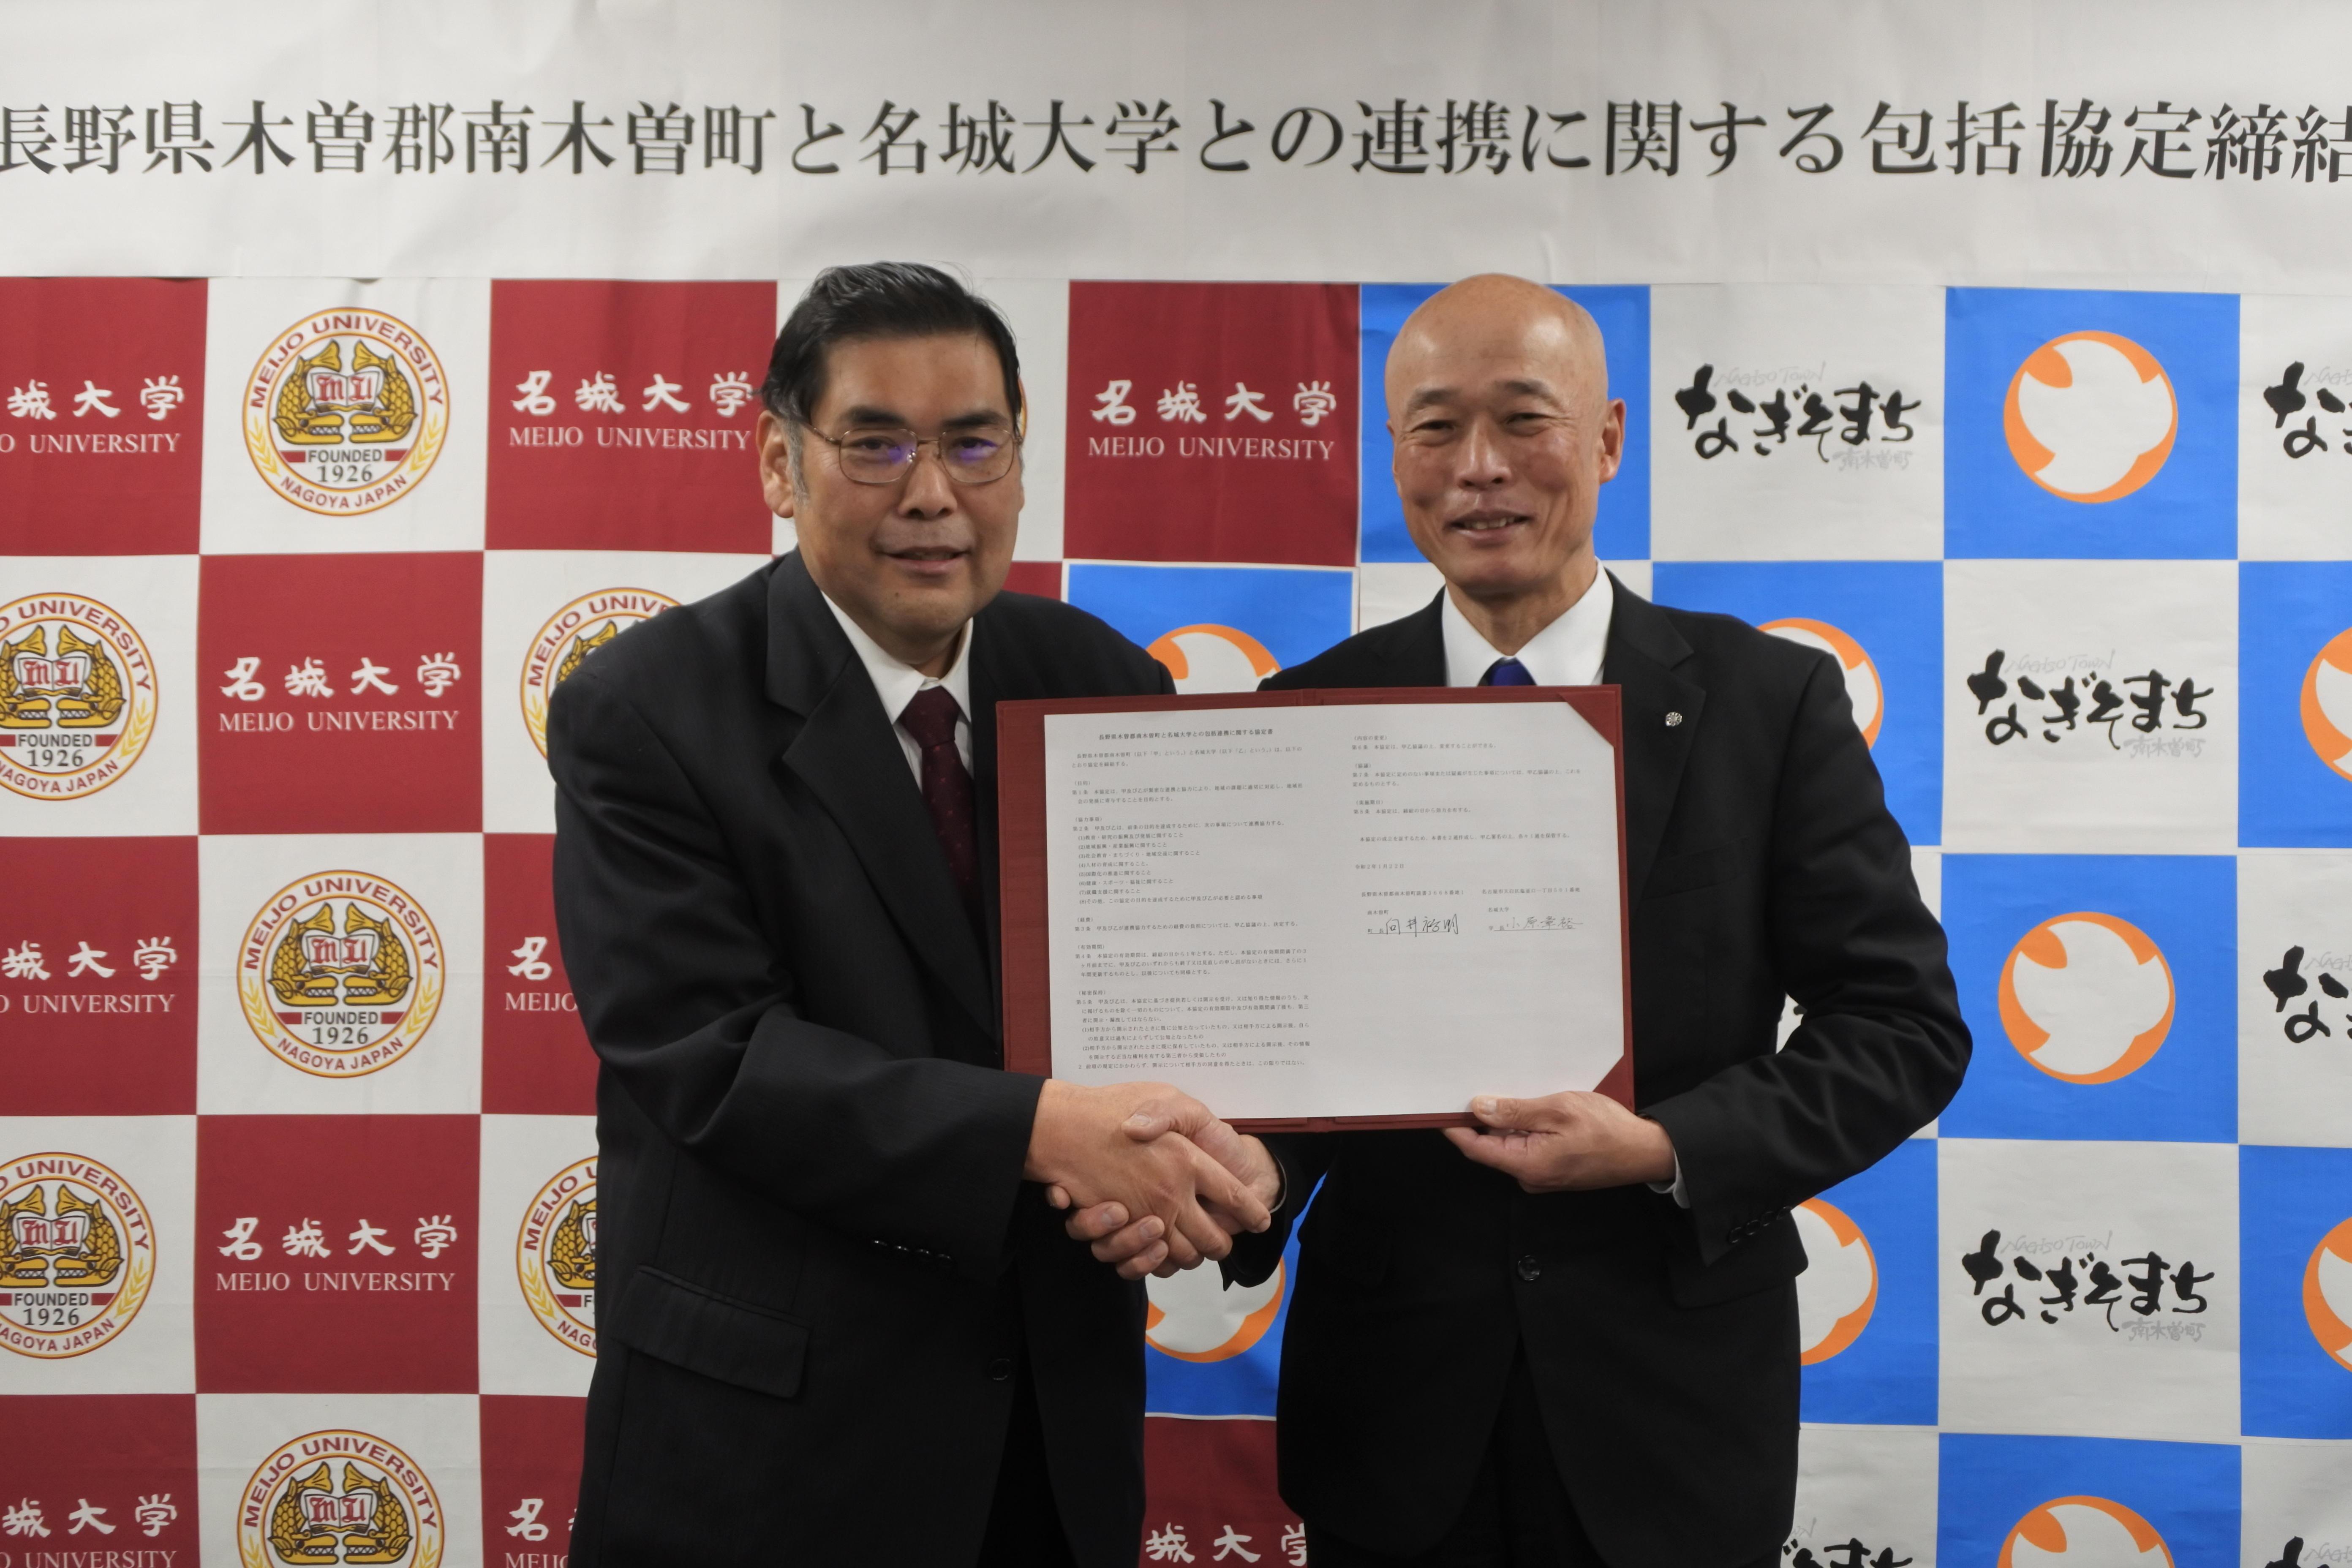 協定書を手に握手する小原章裕学長(左)と向井裕明町長